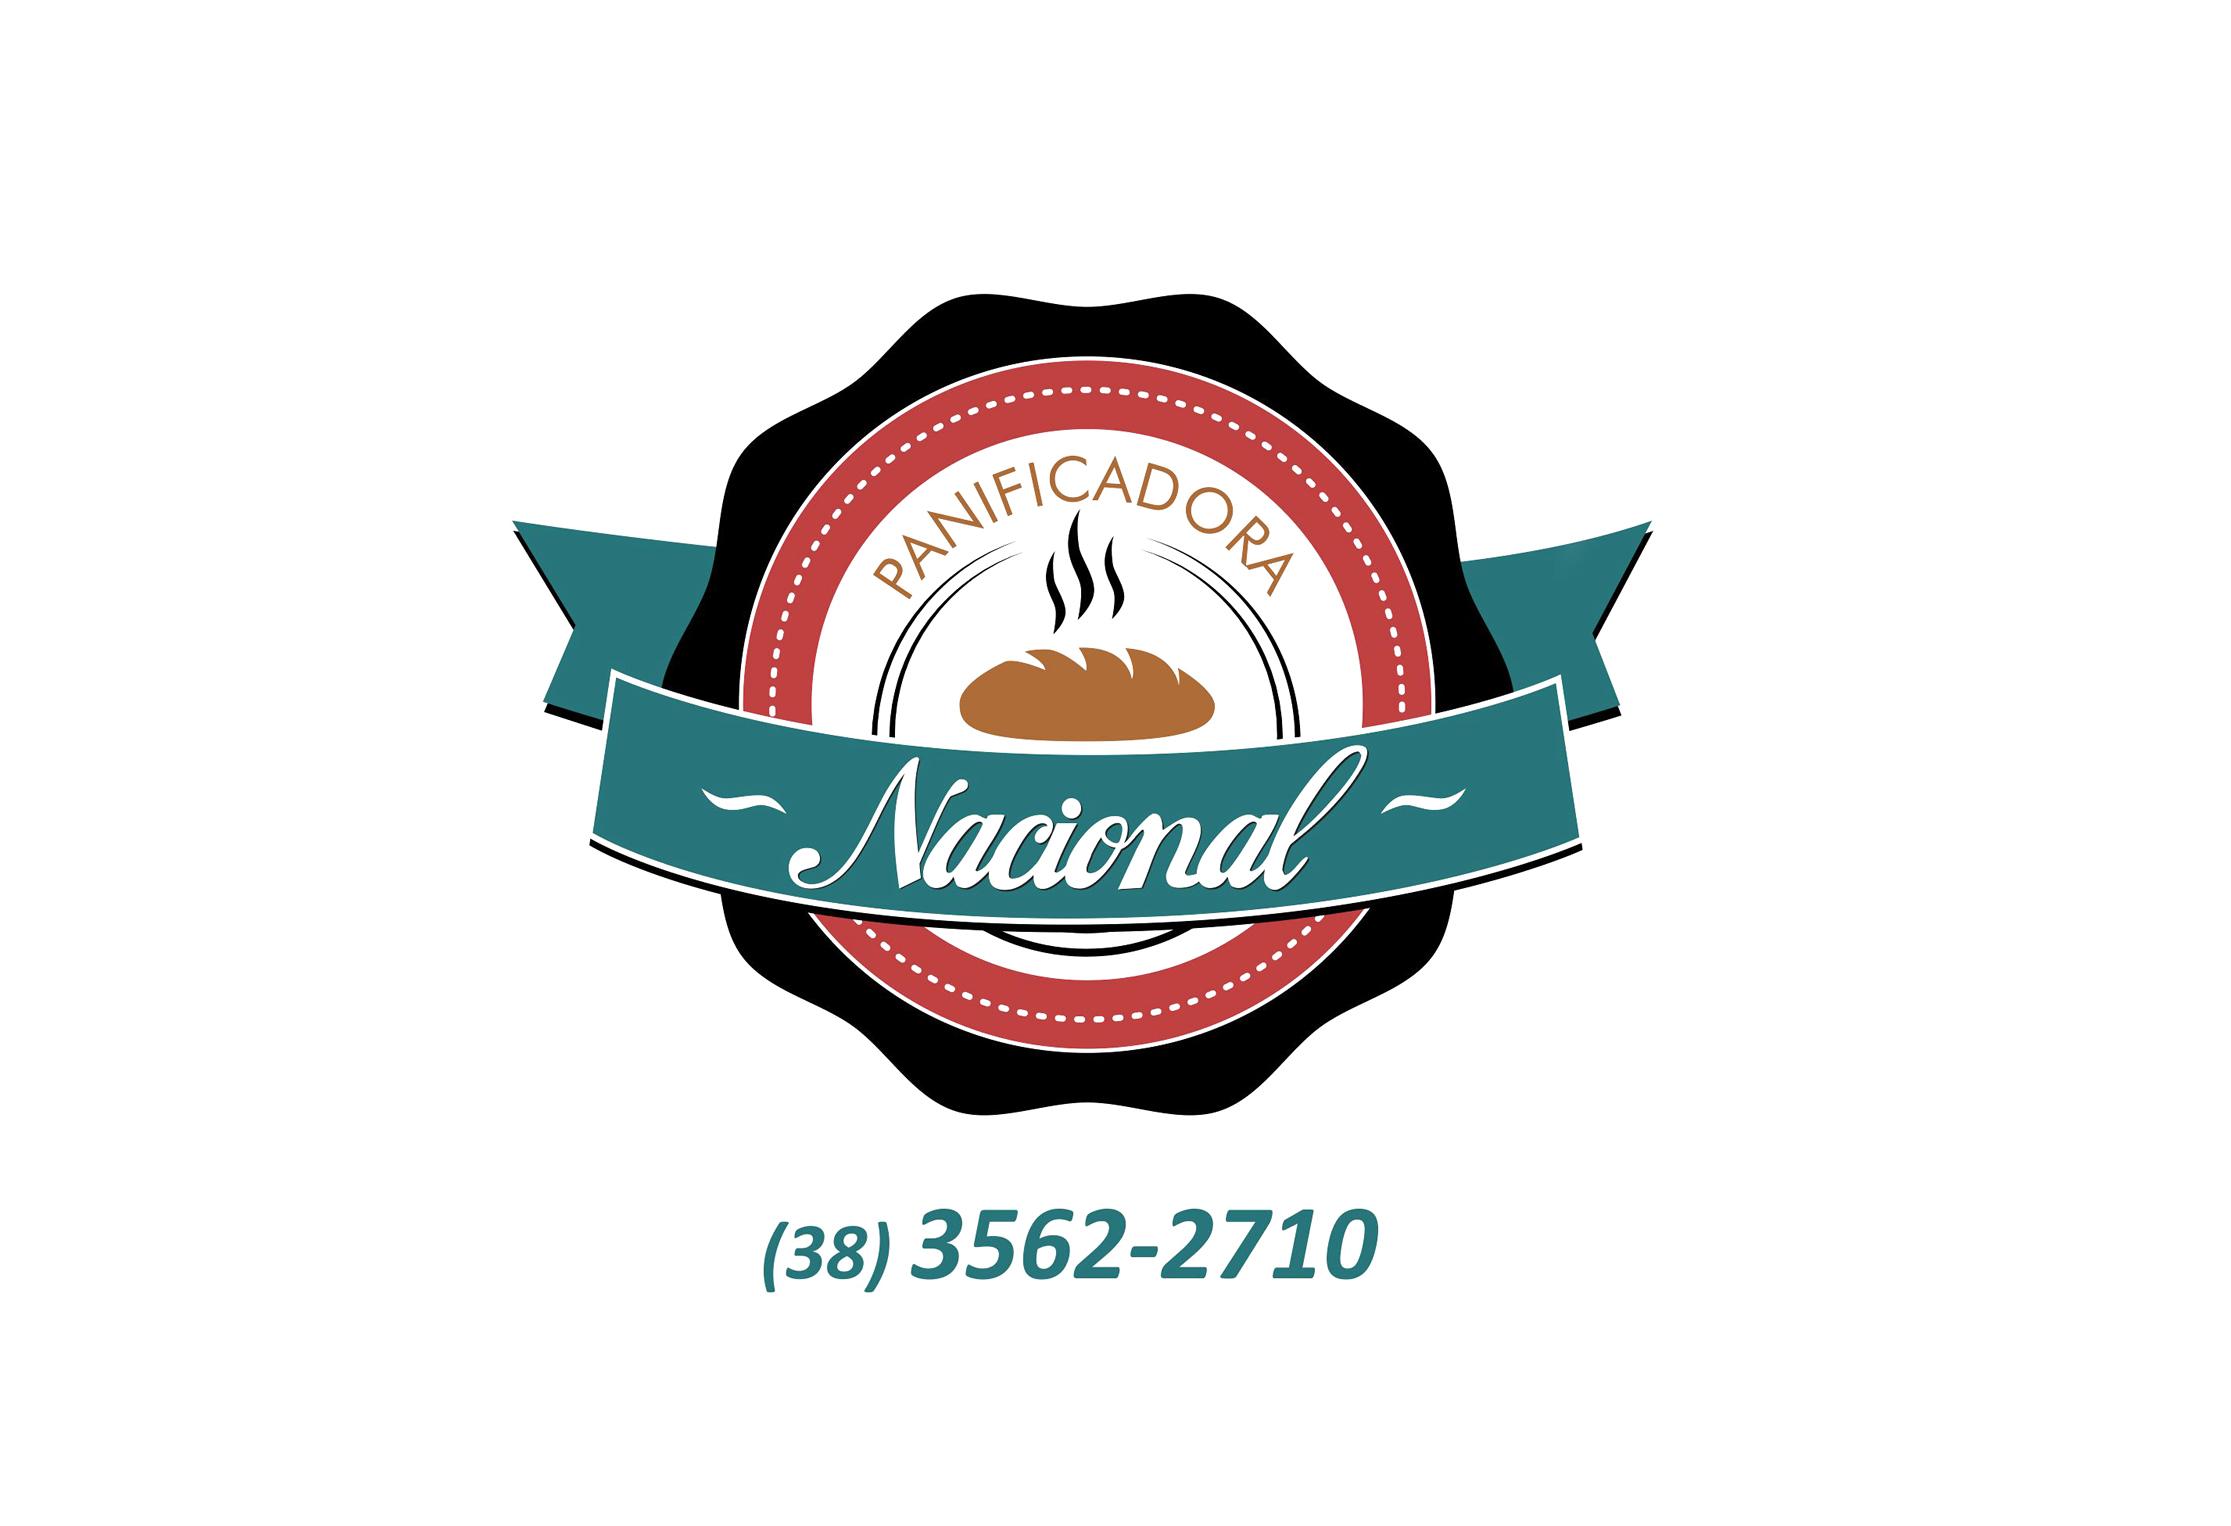 Panificadora Nacional